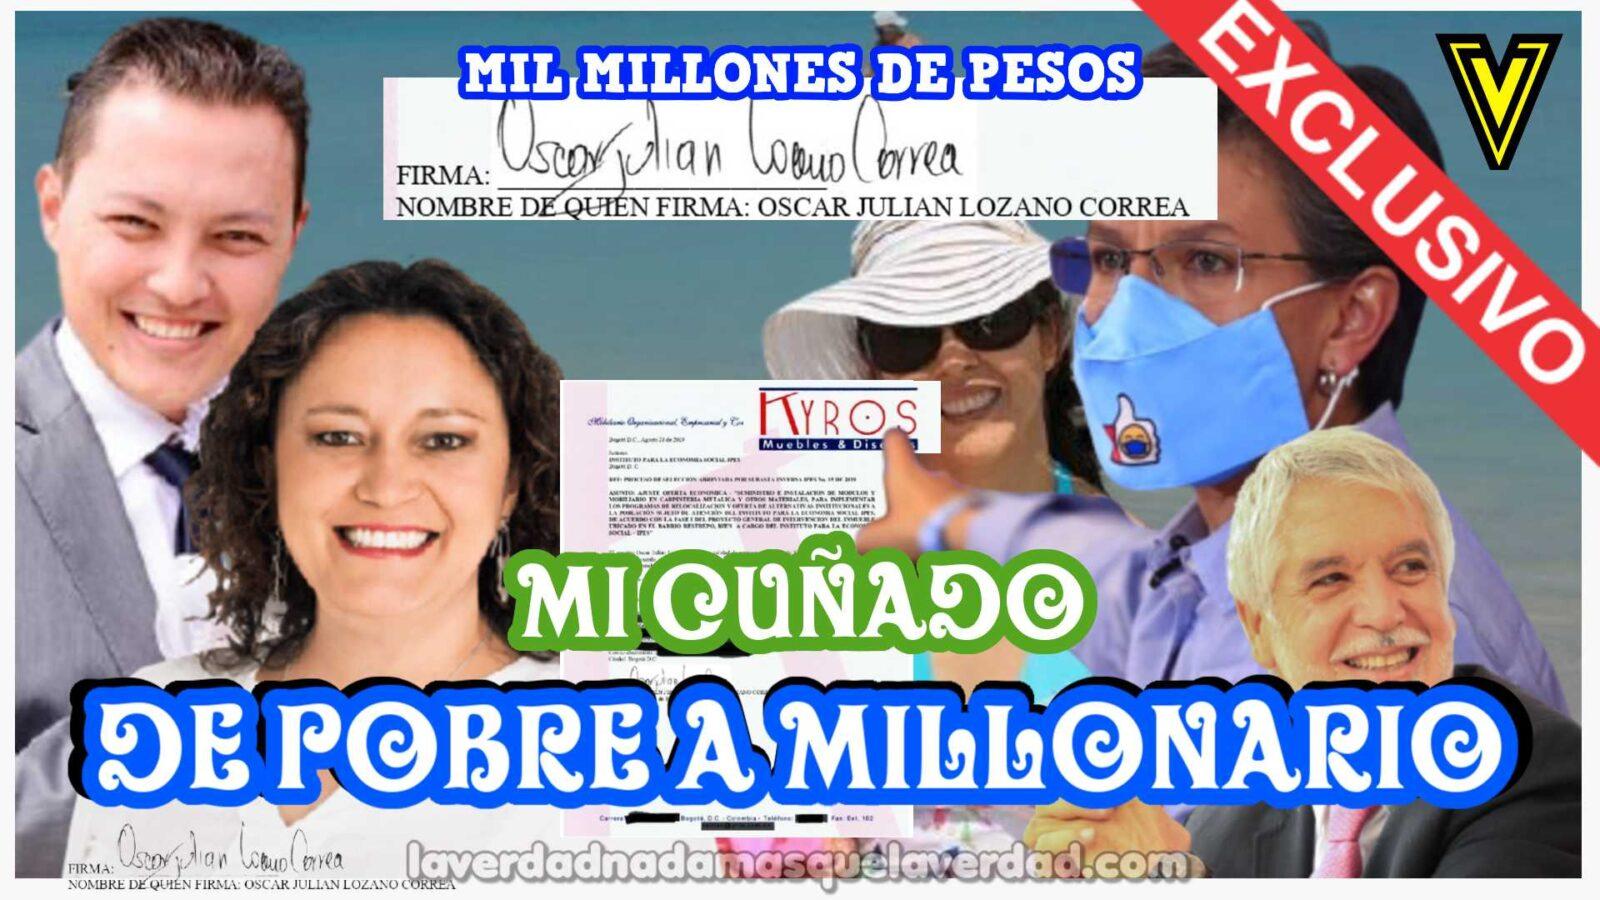 OSCAR JULIAN LOZANO CORREA CUÑADO DE CLAUDIA LÓPEZ DE POBRE A MILLONARIO 1.000 MILLONES DE PEÑALOSA